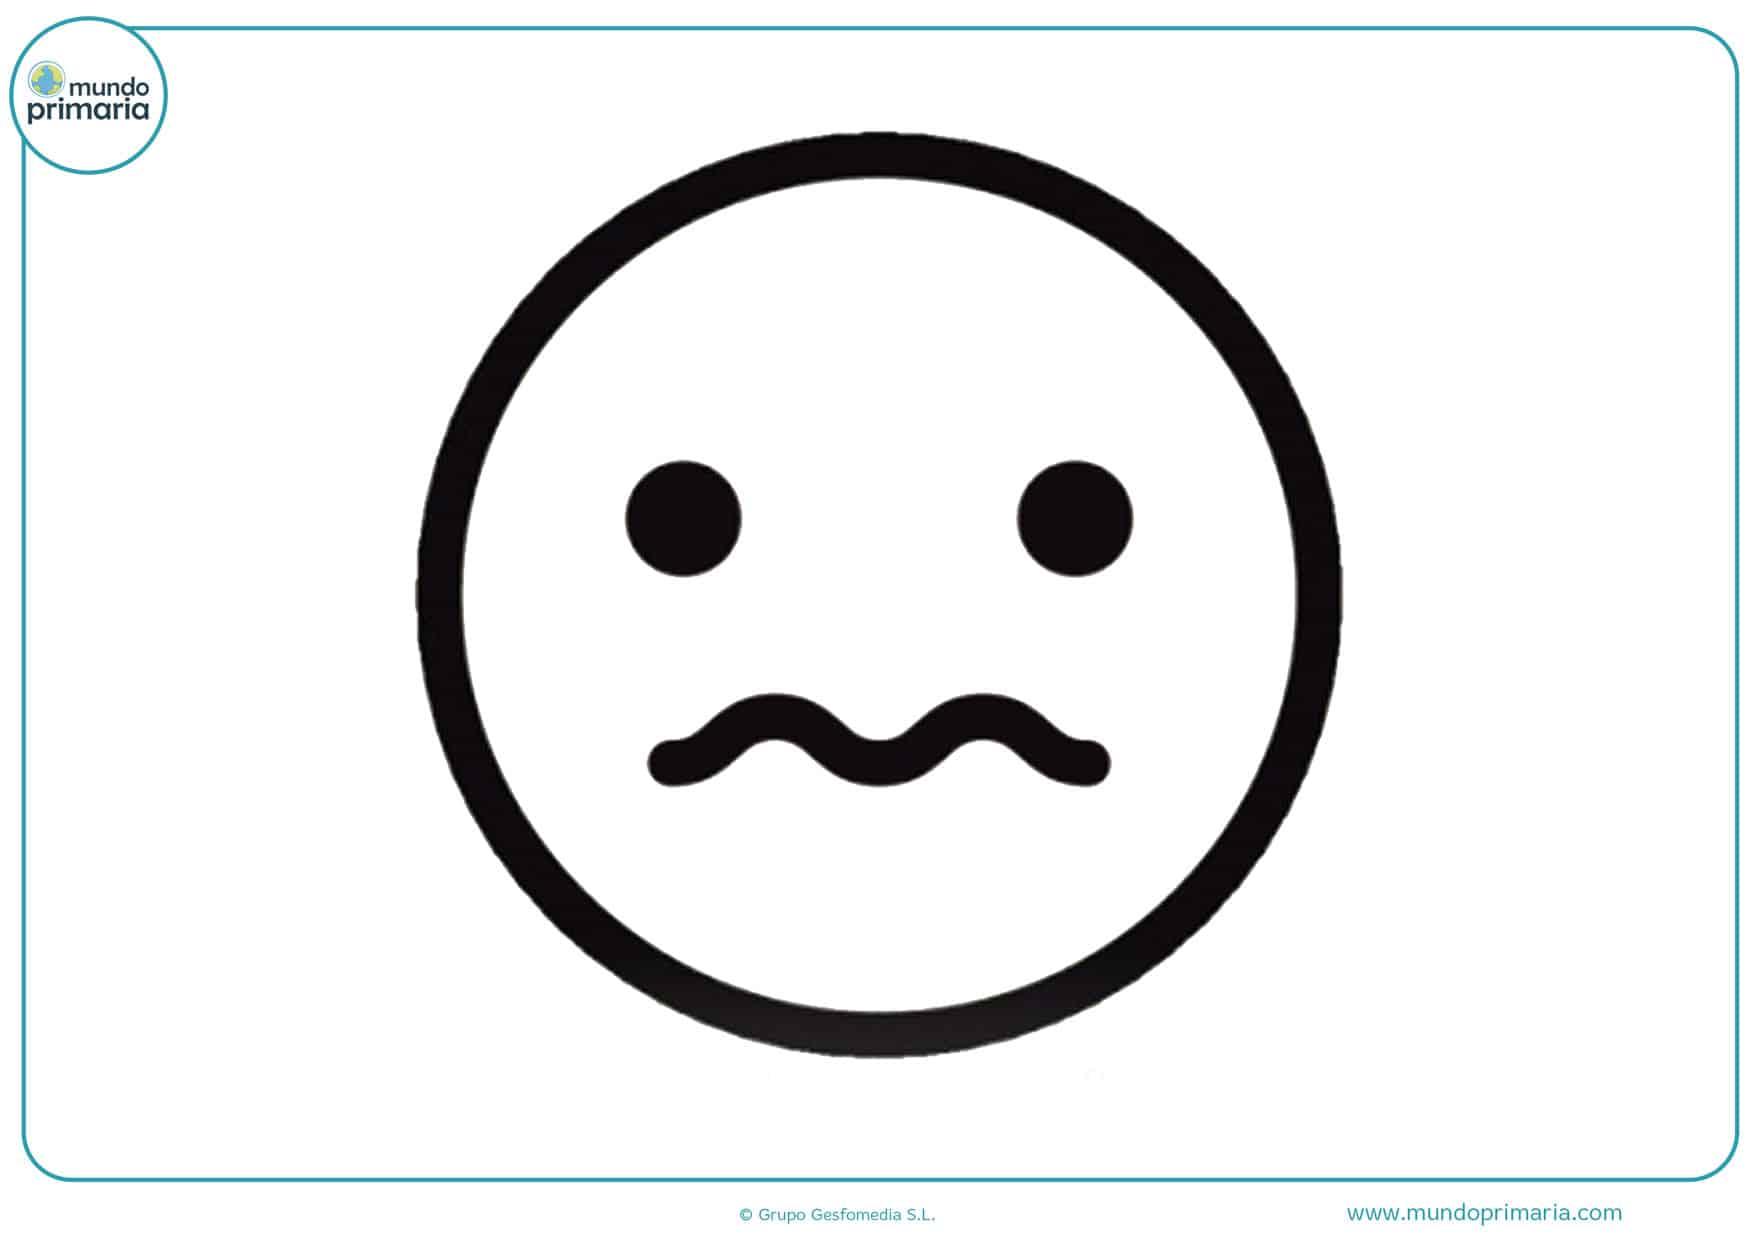 Try These Dibujos De Emojis Para Colorear